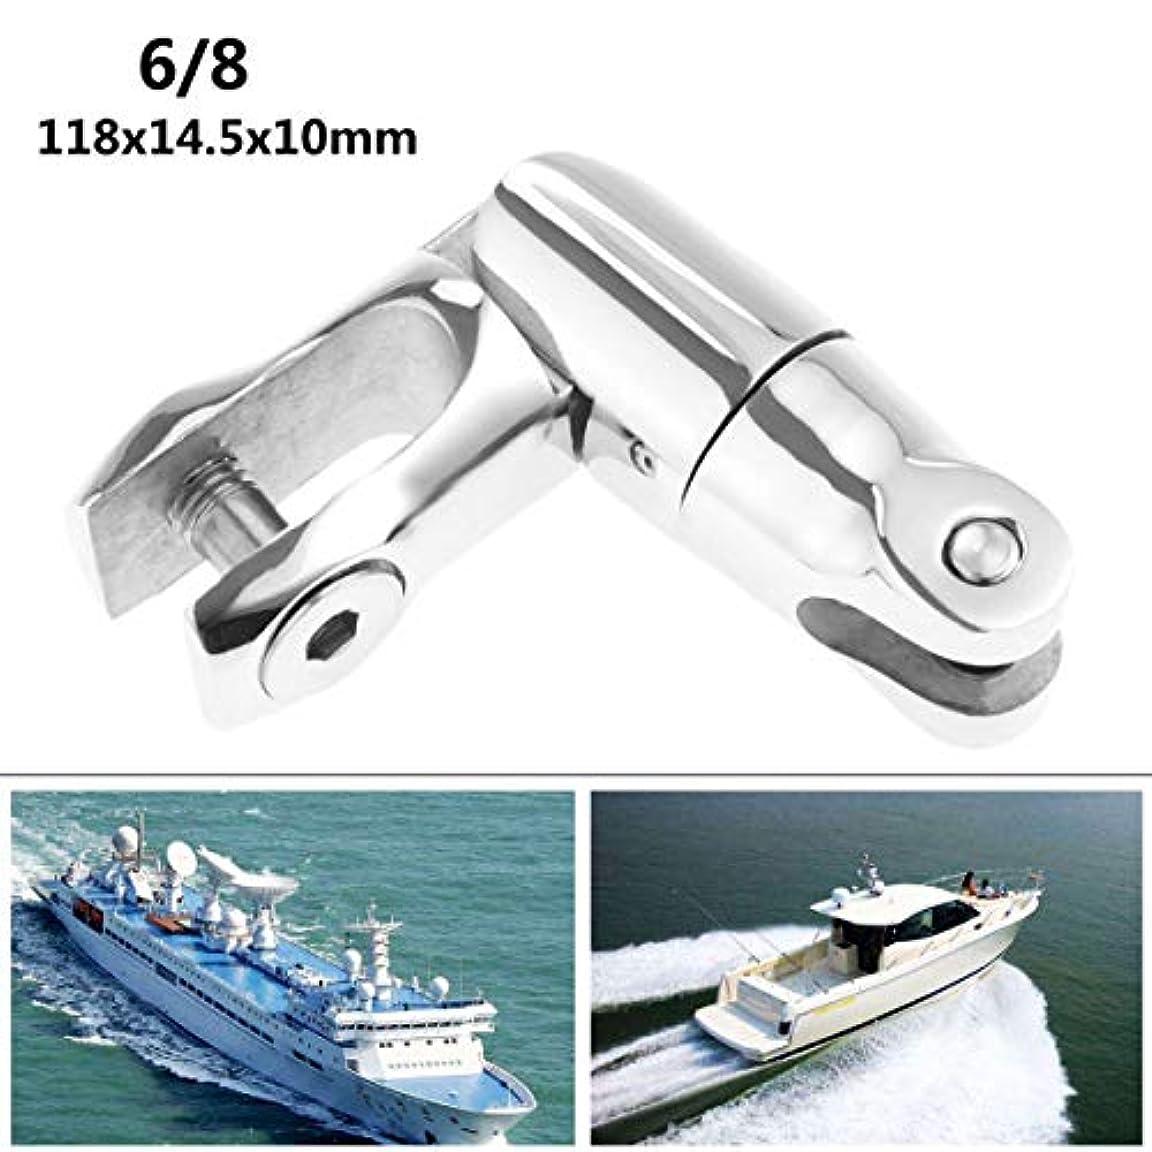 ペインティングオペラ抽象ステンレス鋼6-8チェーンアンカーピンユニバーサルアンカーダブルスイベルジョイント船アクセサリーマリンハードウェア